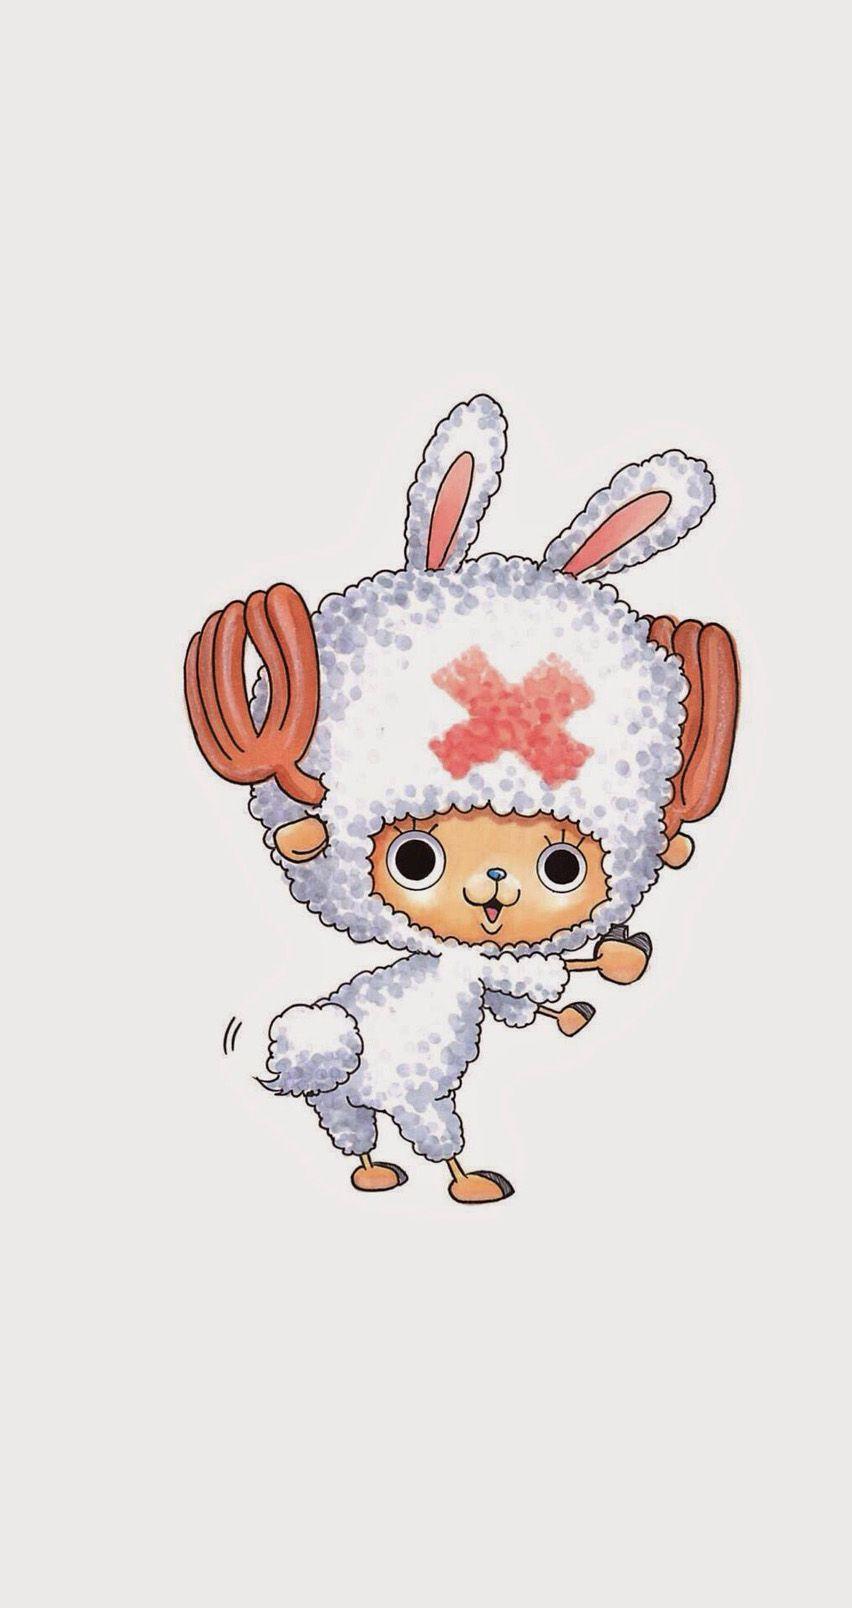 Oh yea oh yea, I'm bunny~ :3. Tap to see more Tony Tony ...